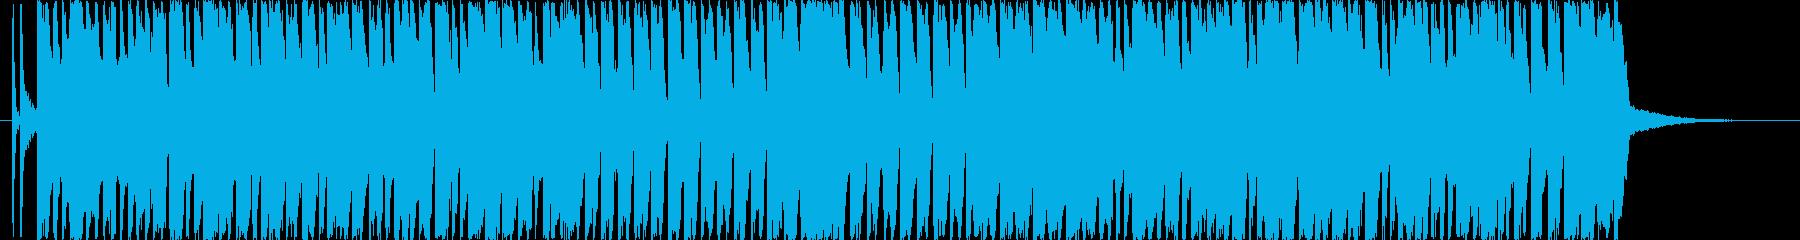 陽気なマーチングバンド(ゆったり編)の再生済みの波形